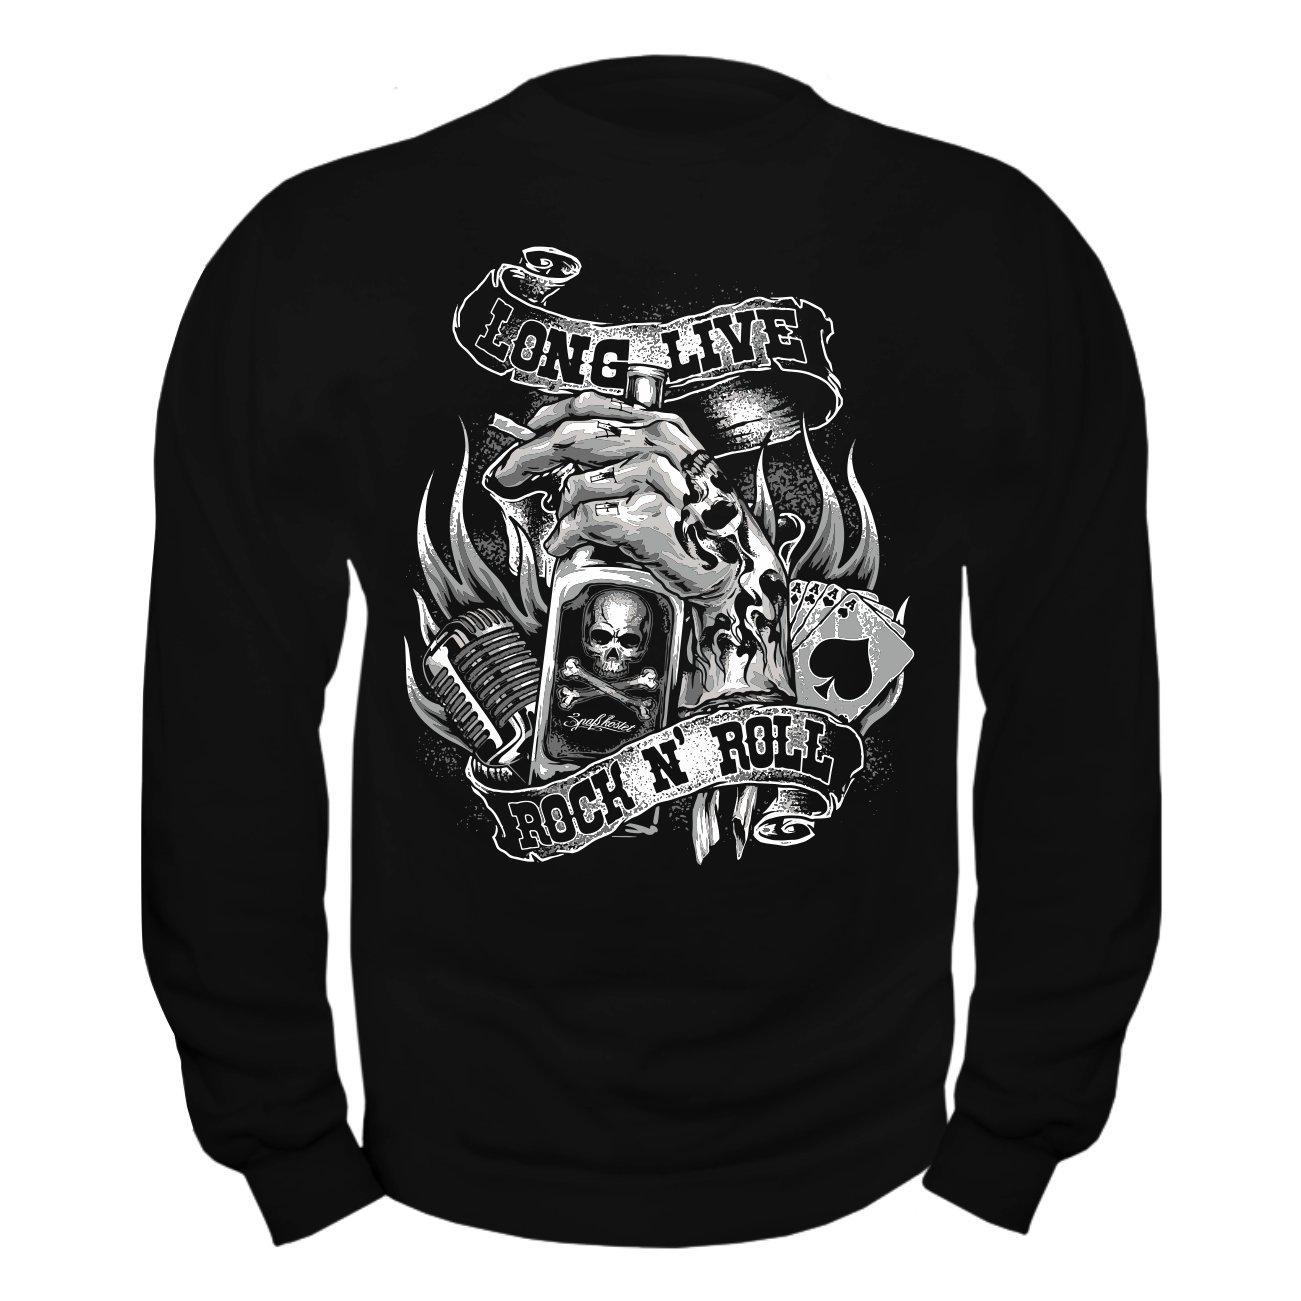 Männer und Herren Pullover Long Live Rock N Roll B01IFE9D5K Sweatshirts In hohem Grade geschätzt und weit Grünrautes herein und heraus